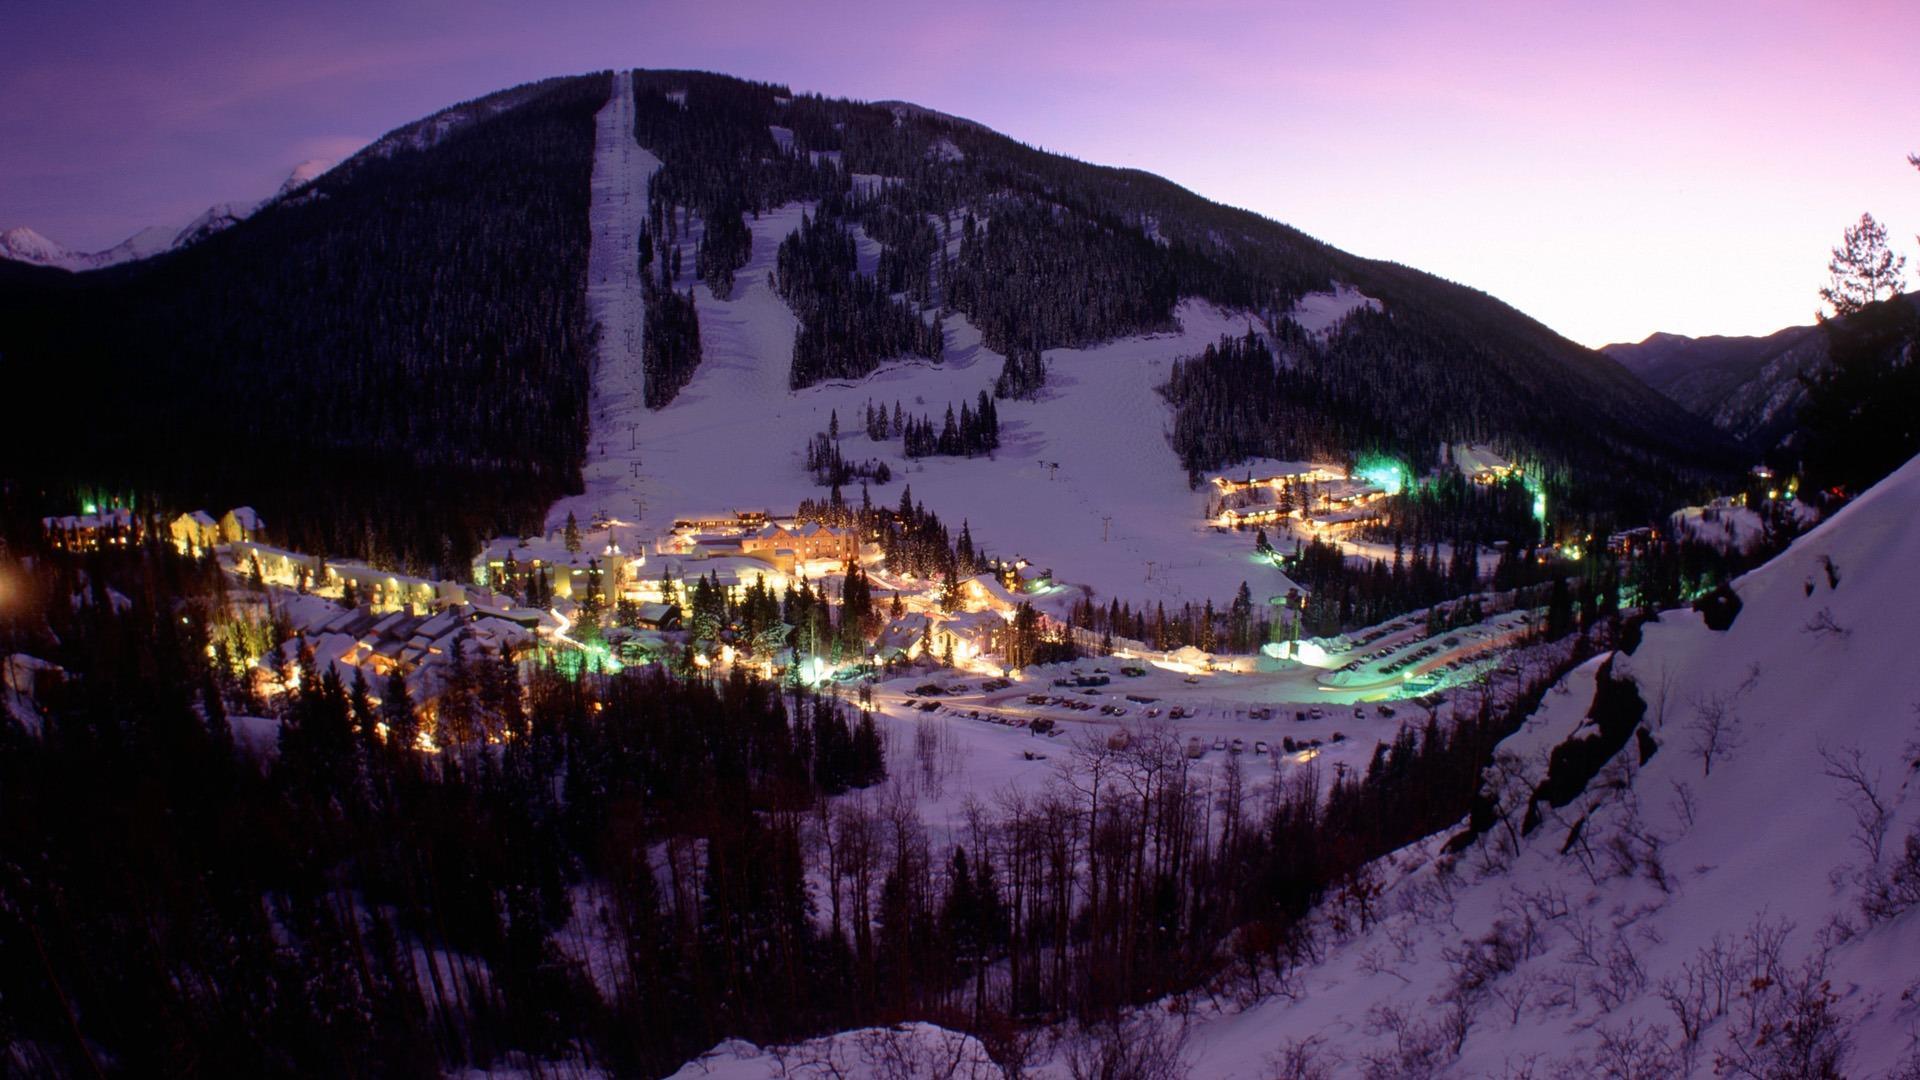 Ski Resort In Purple Light Hd Wallpaper Wallpaper List 1920x1080